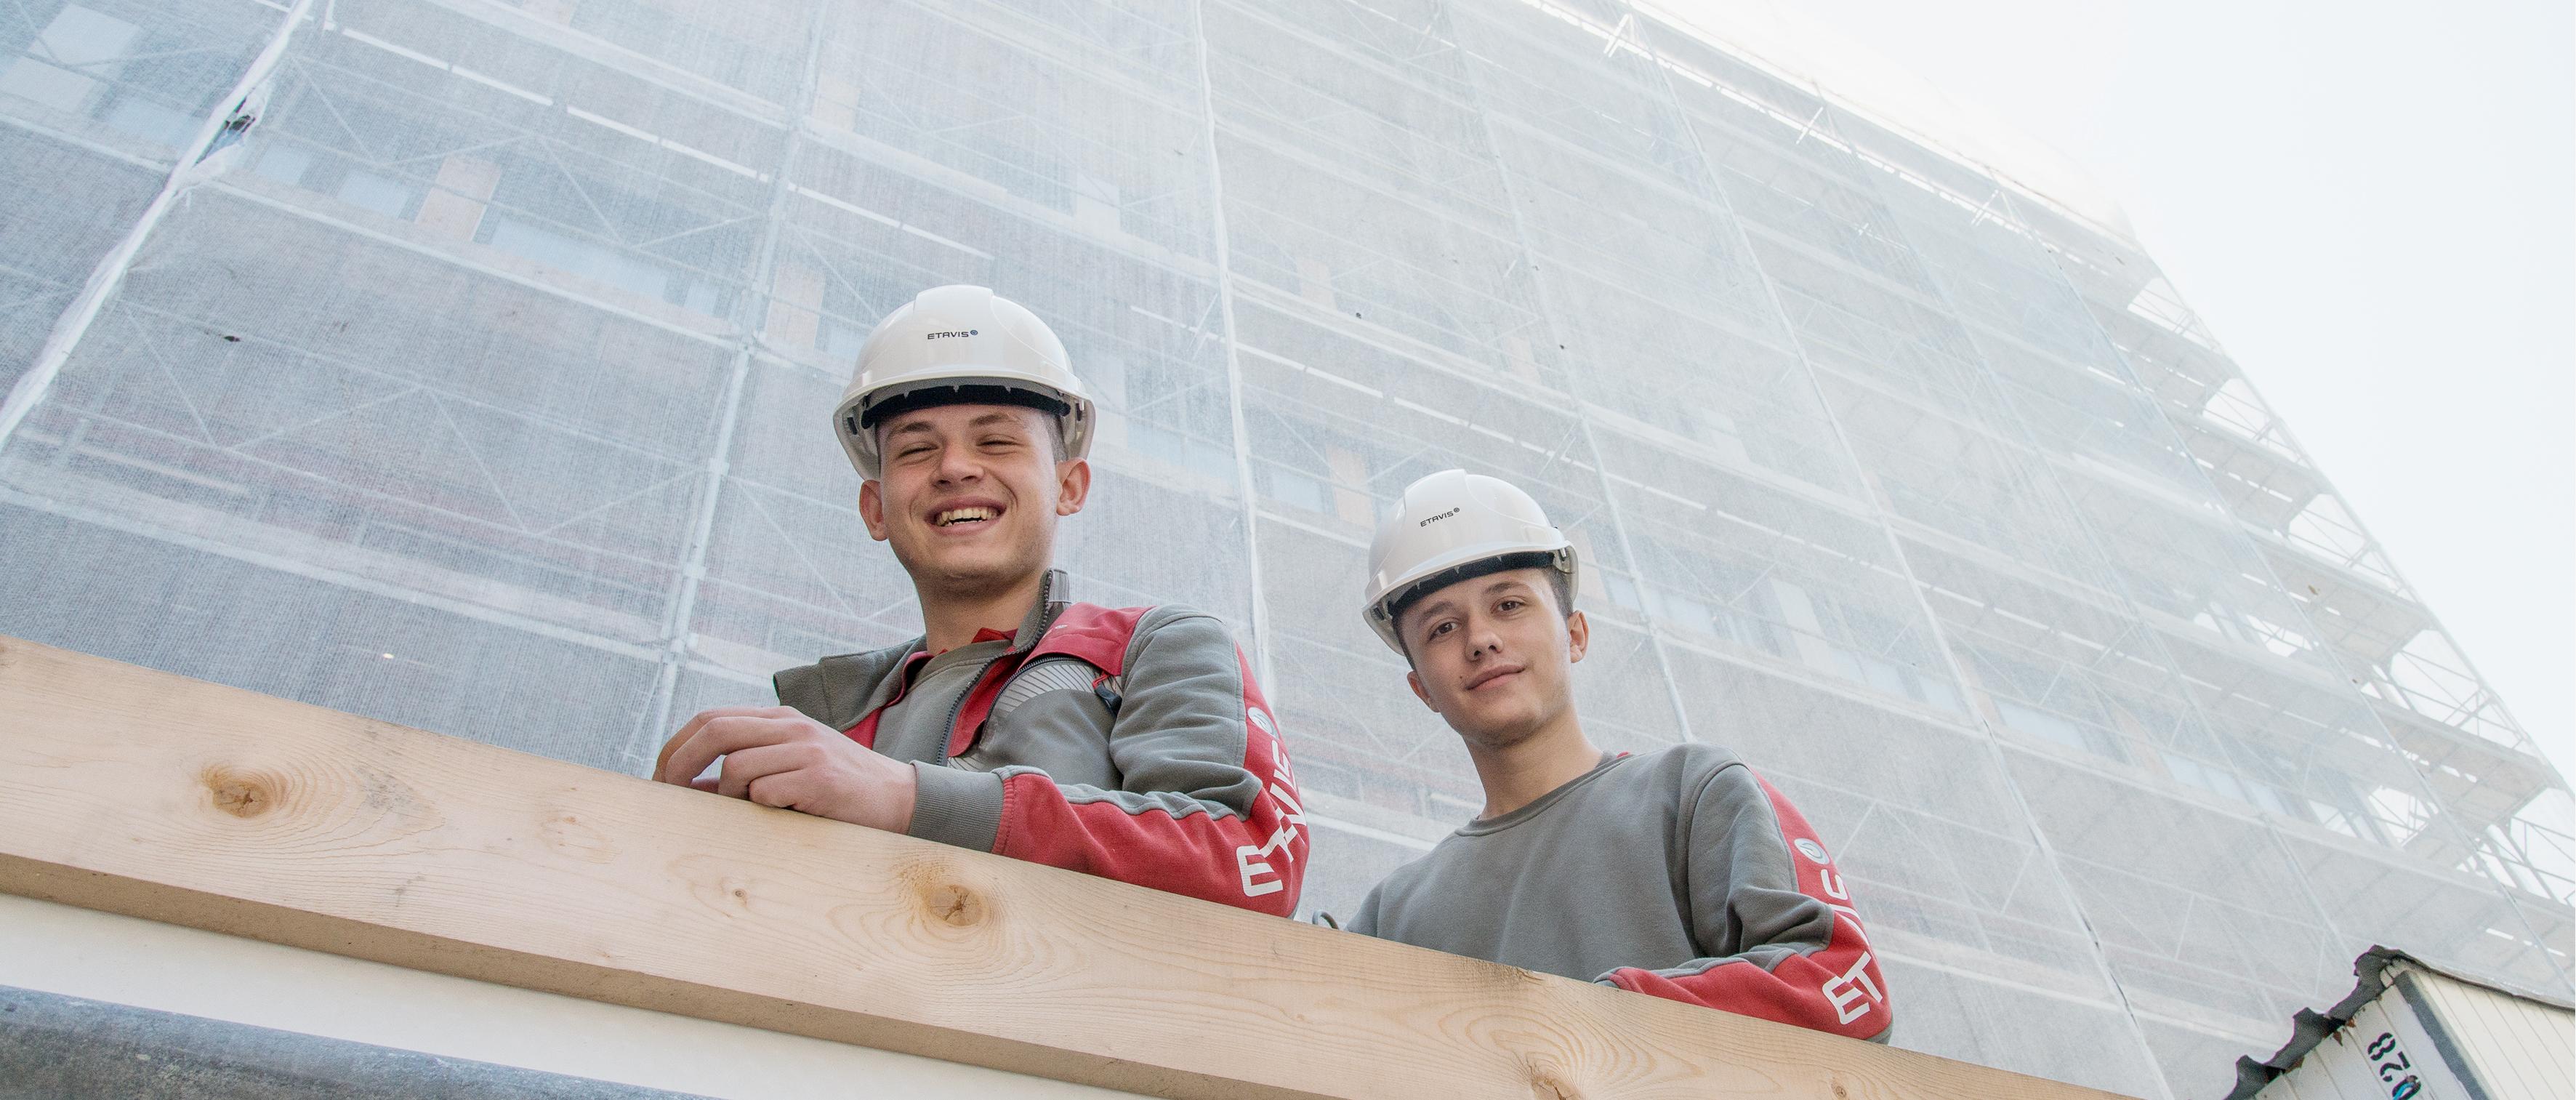 Berufsausbildung bei ETAVIS - Ein guter Start in die Zukunft